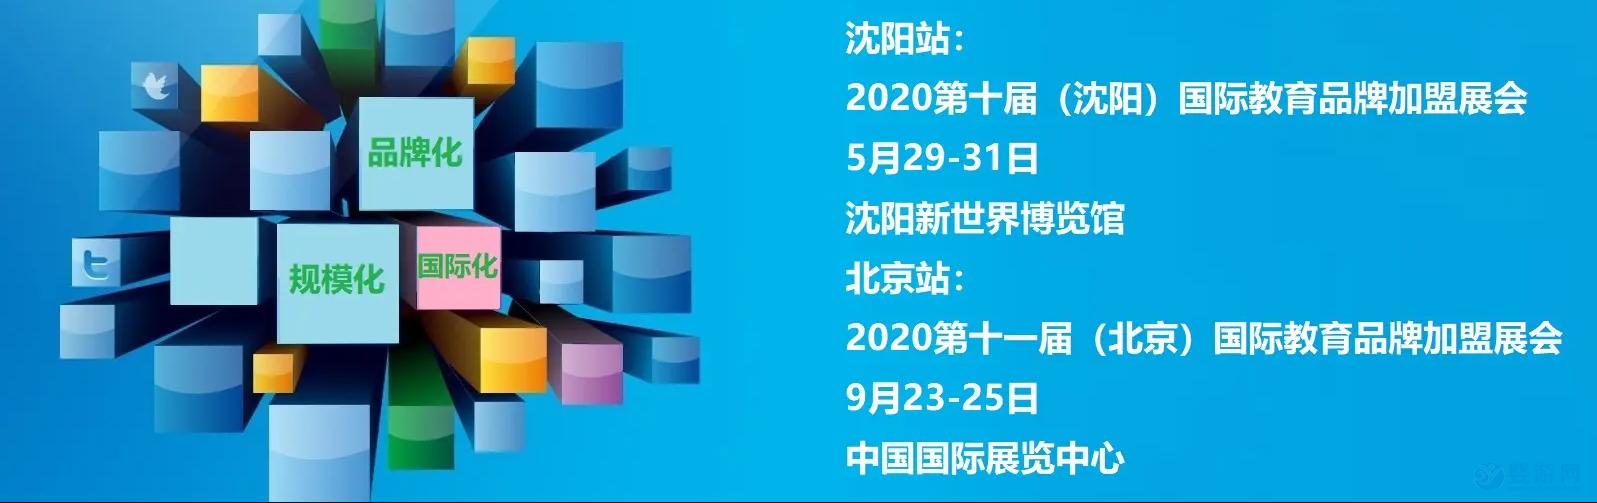 2020中国国际教育品牌加盟博览会